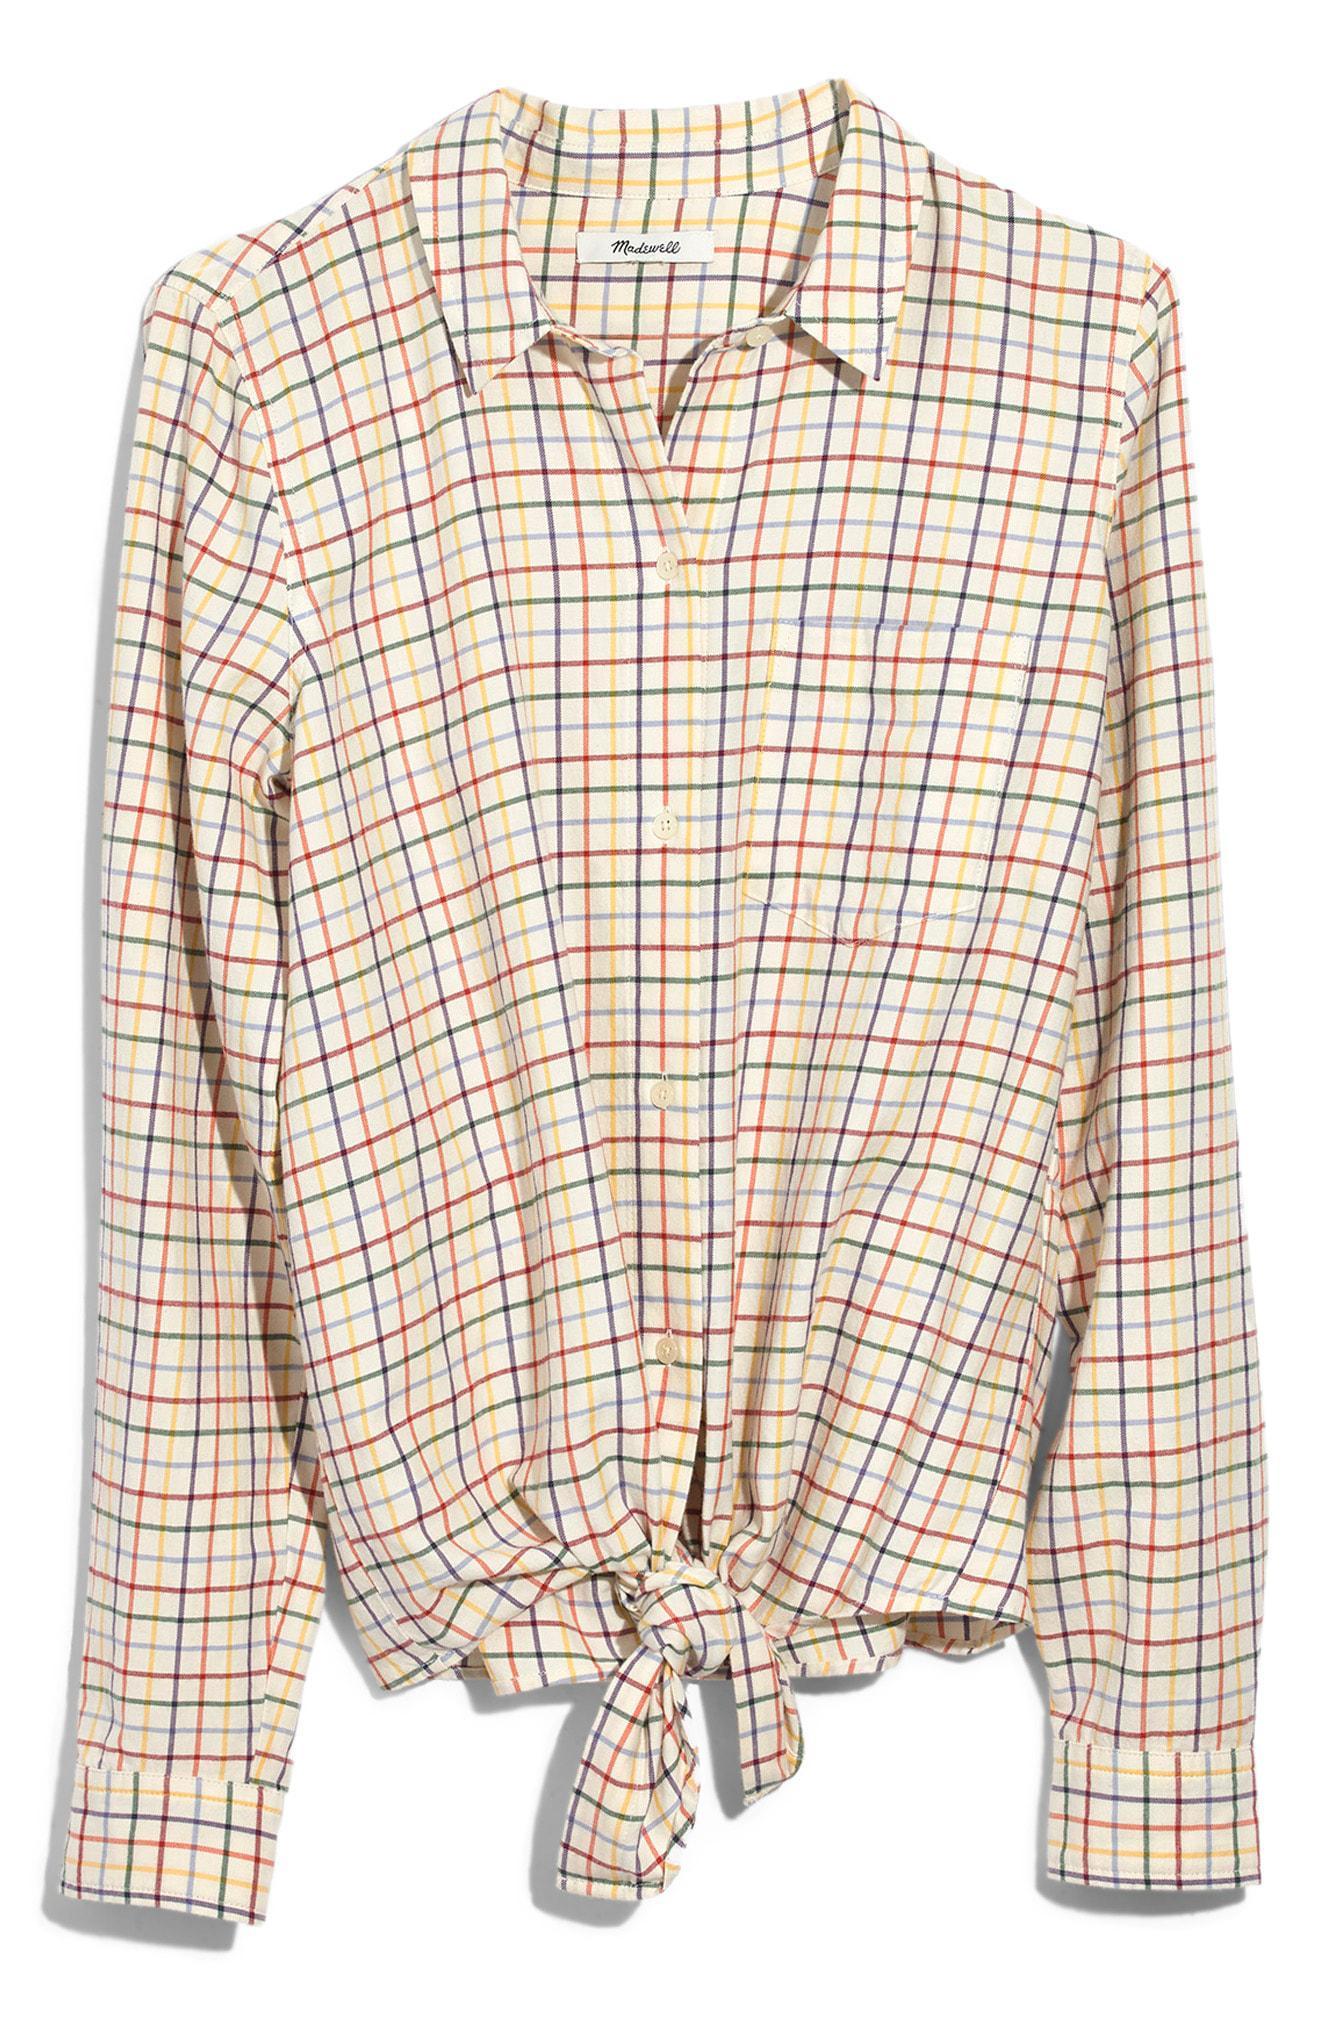 8e045d36c26 Plaid Shirts Tie Front